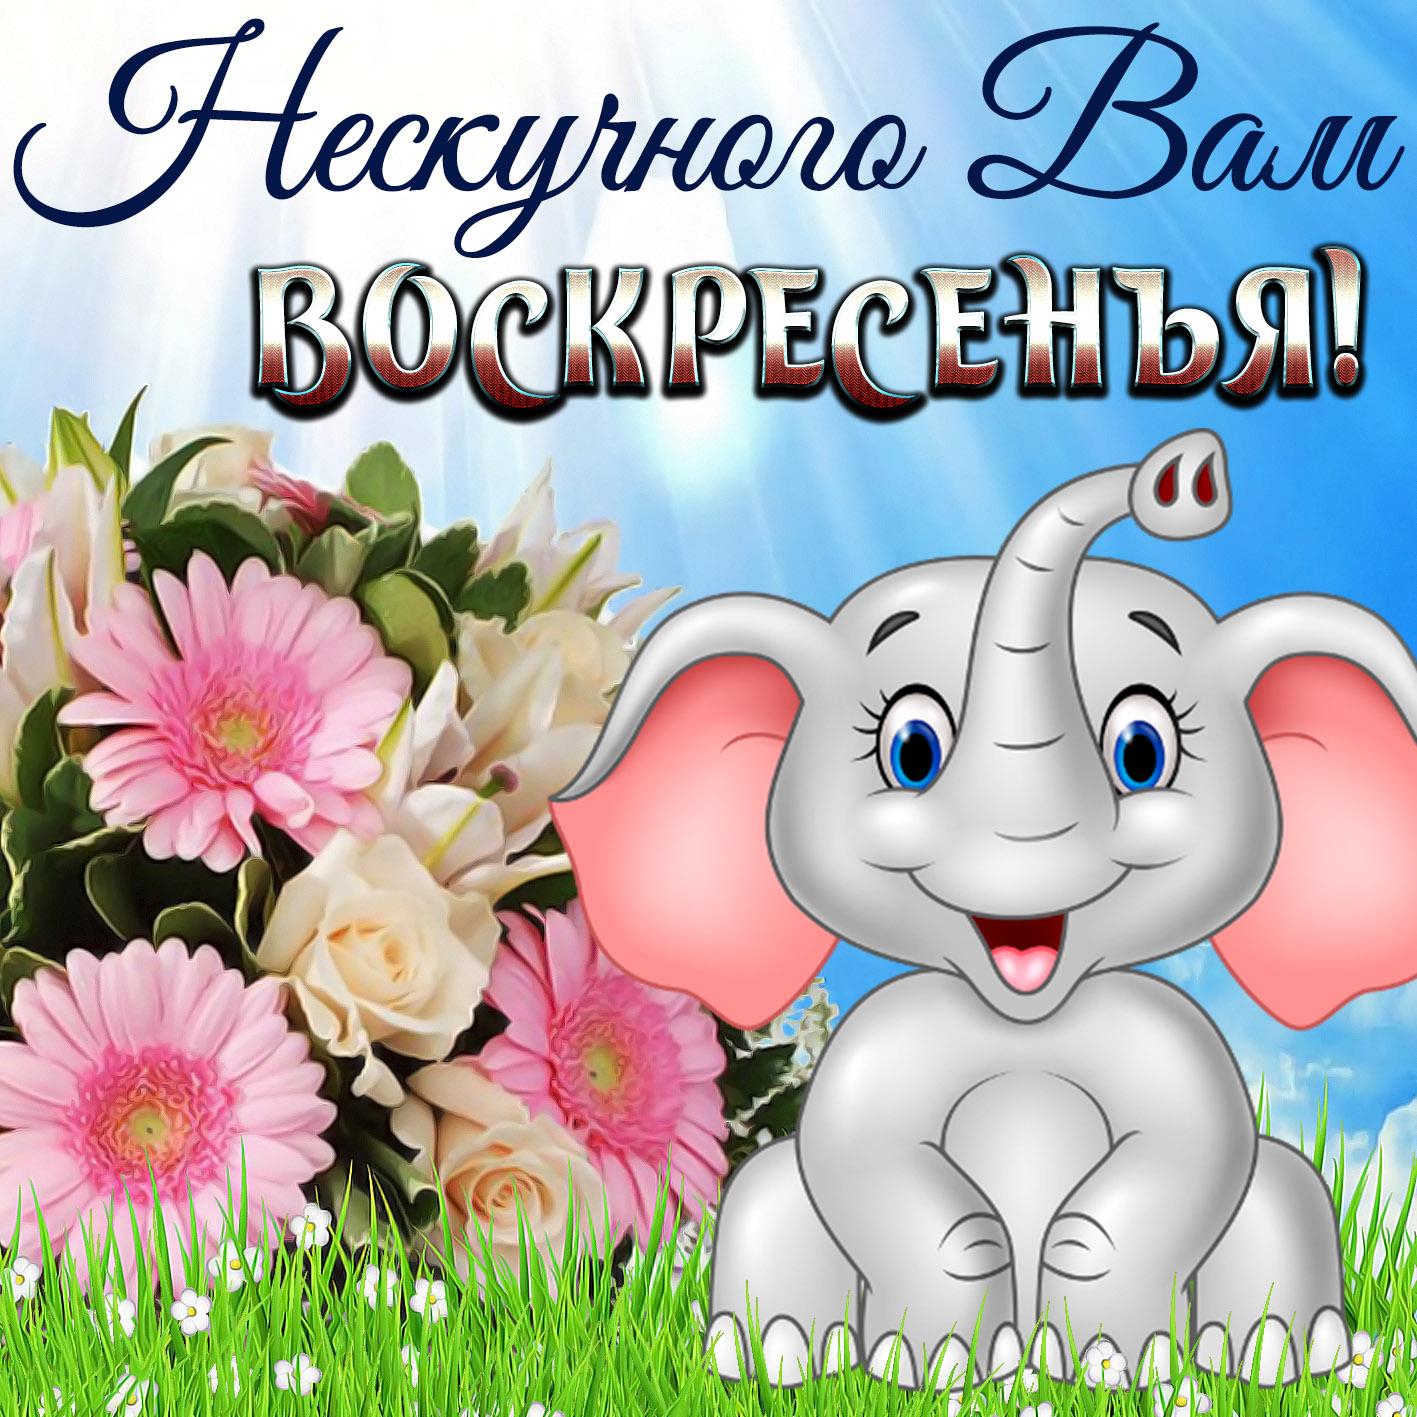 Воскресный день открытки поздравительные